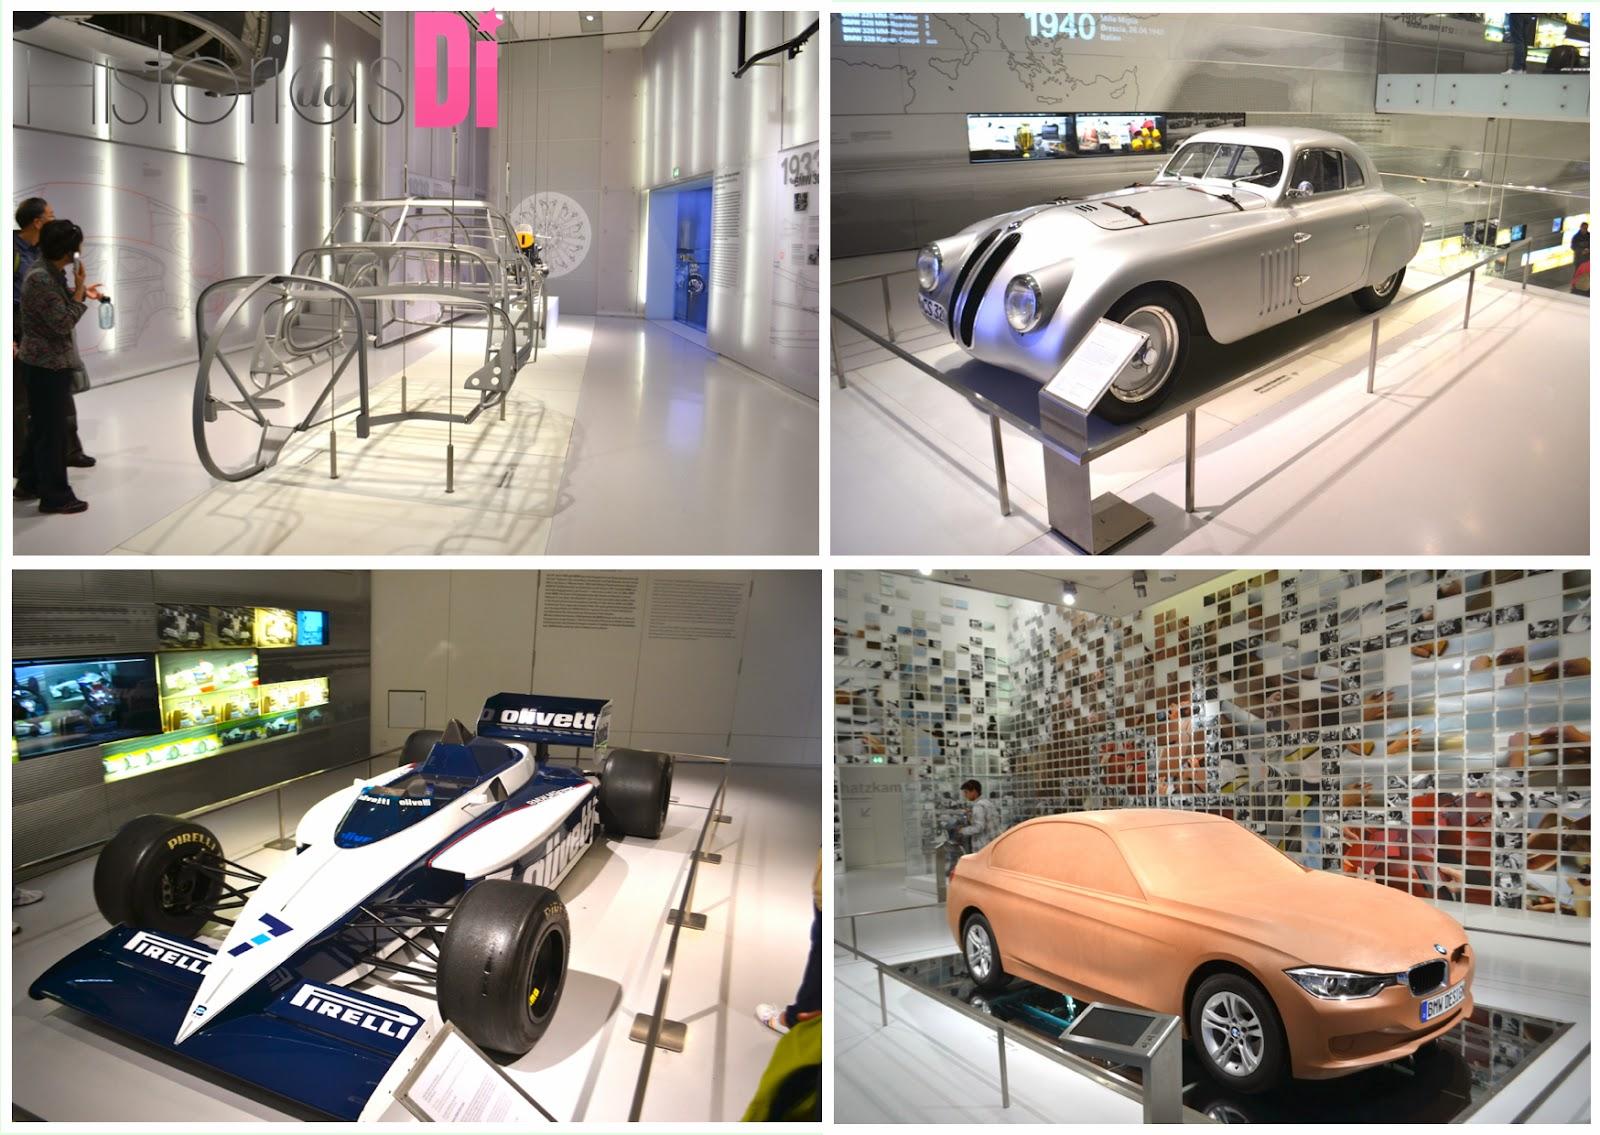 EXPOSIÇÃO DE CARROS NO MUSEU DA BMW